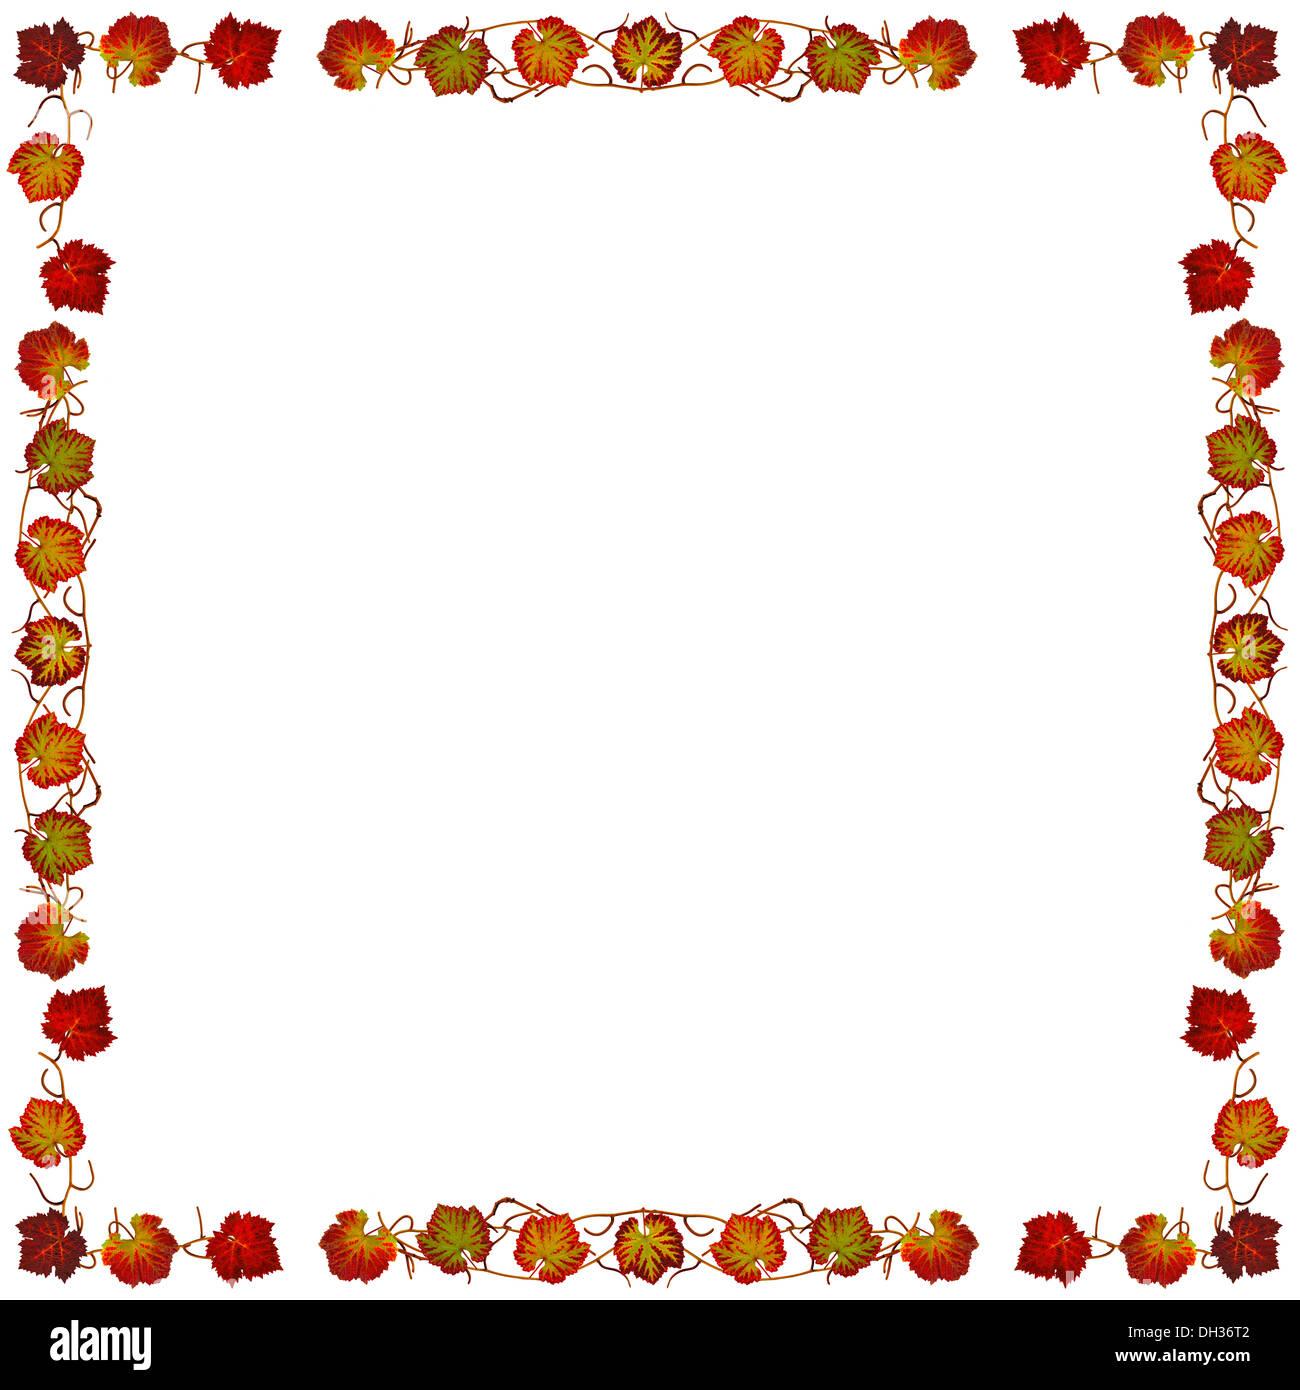 Rahmen mit bunten Blätter der Reben Stockfoto, Bild: 62151490 - Alamy